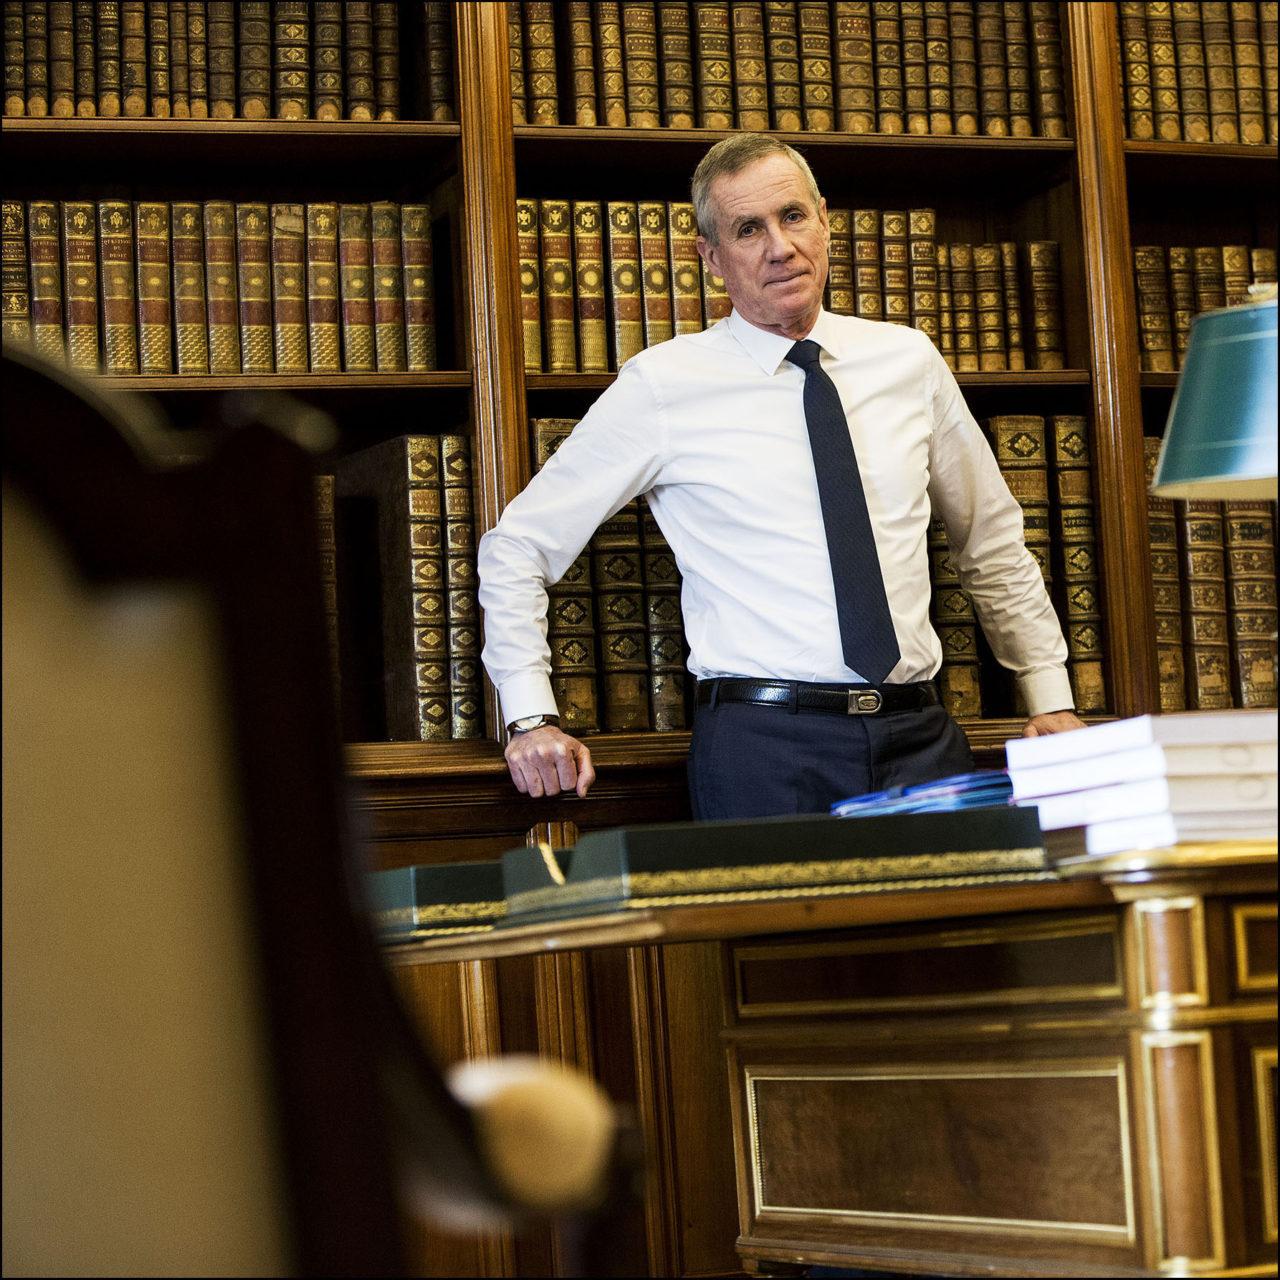 François MOLINS, procureur général près la cour de cassation, dans son bureau au Palais de Justice de Paris.